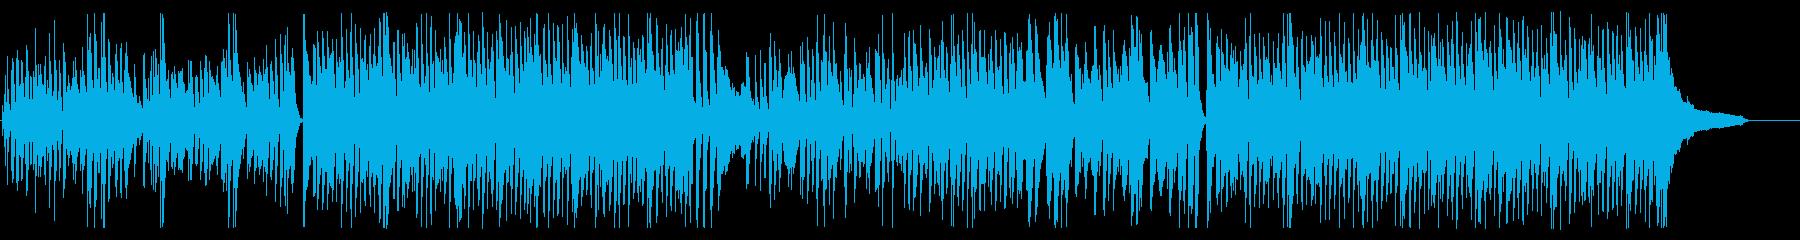 ラグタイムピアノ/ピエロの陽気さ、怪しさの再生済みの波形